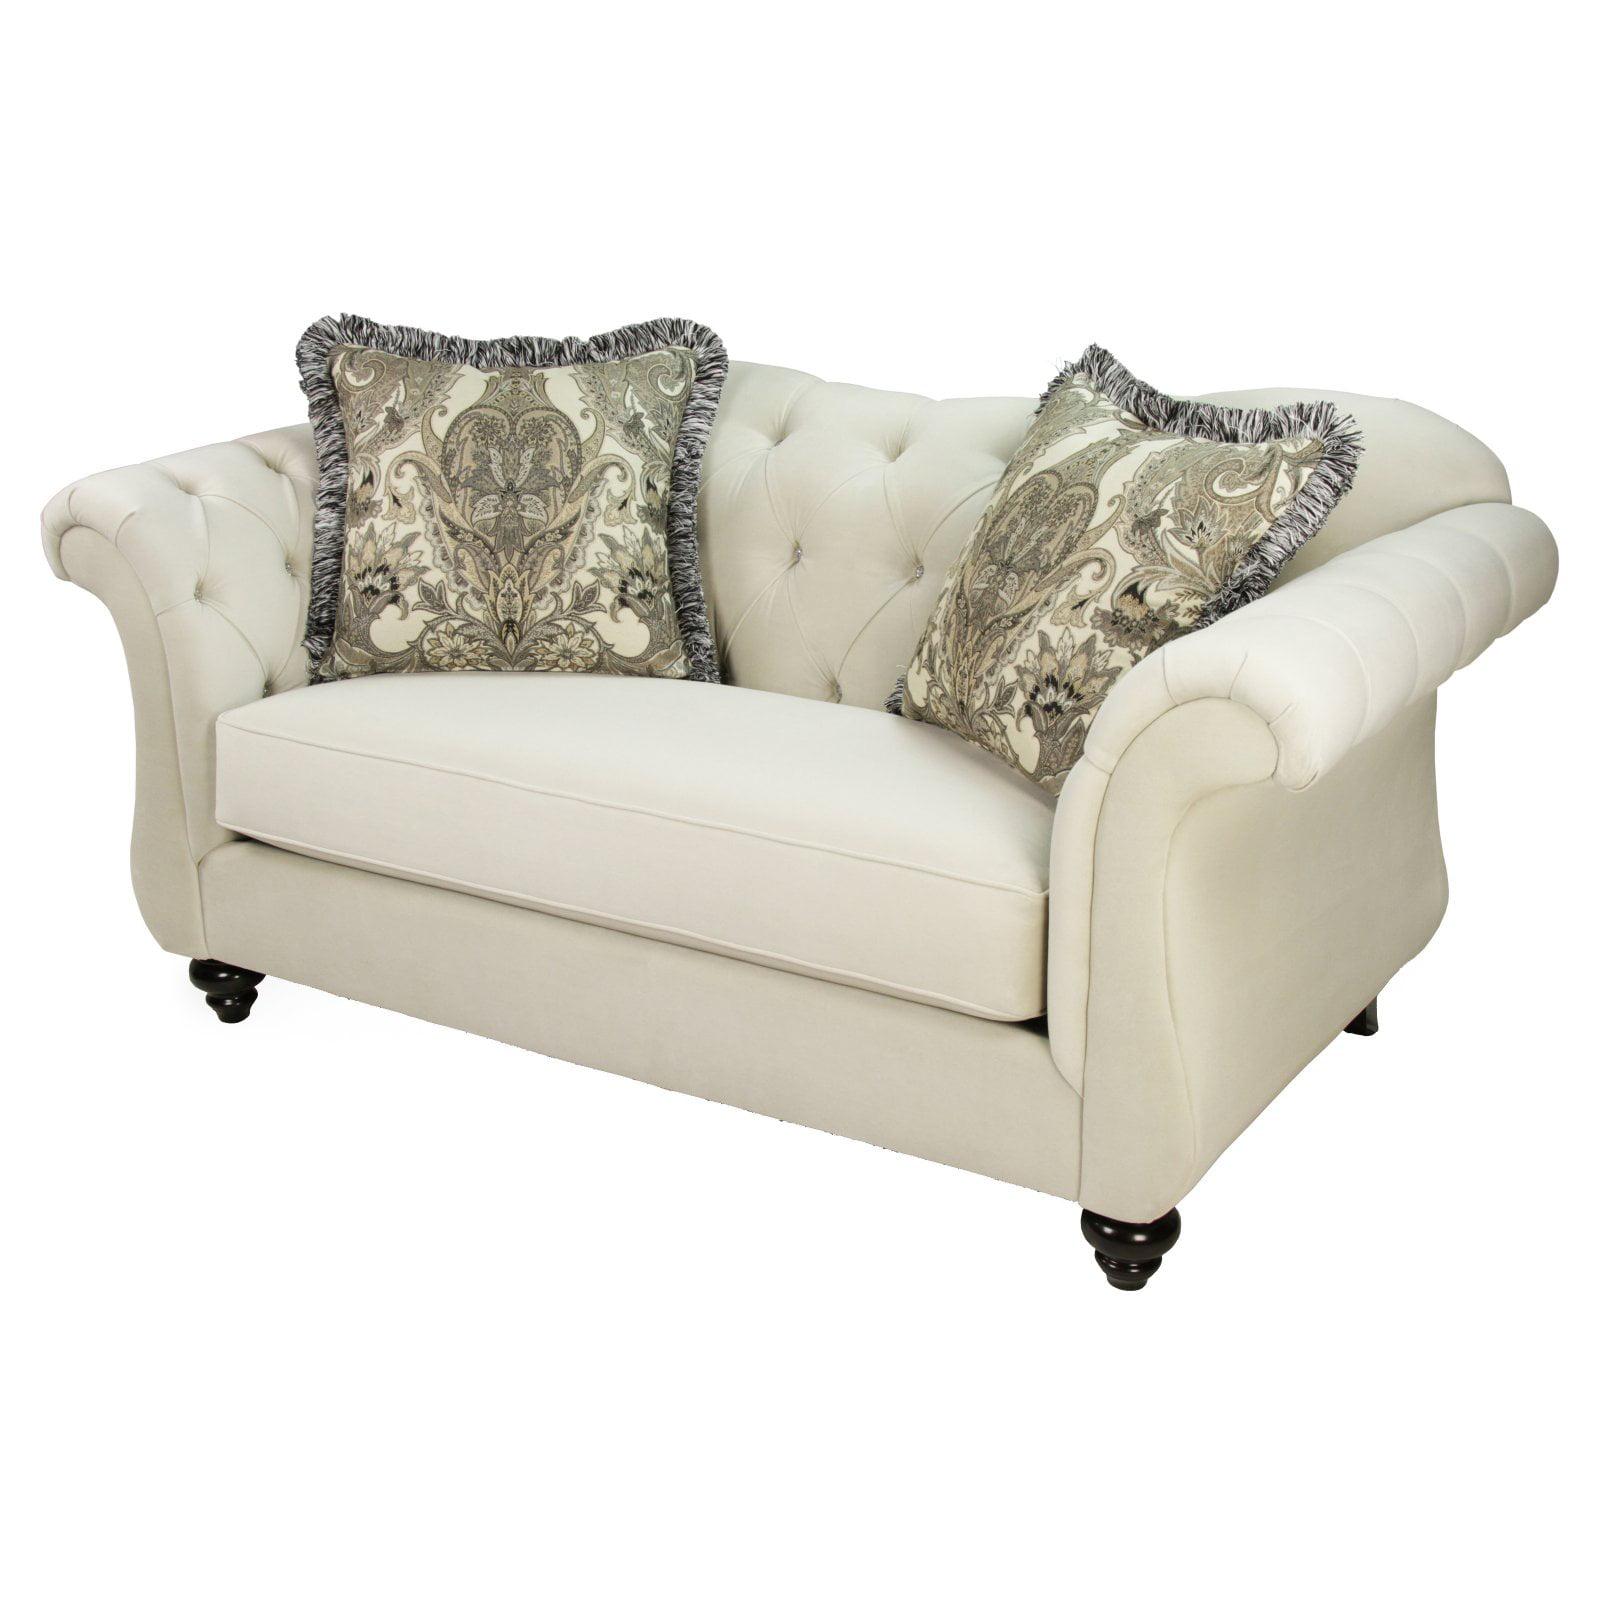 Furniture of America Wellington Premium Fabric Loveseat - Cream White